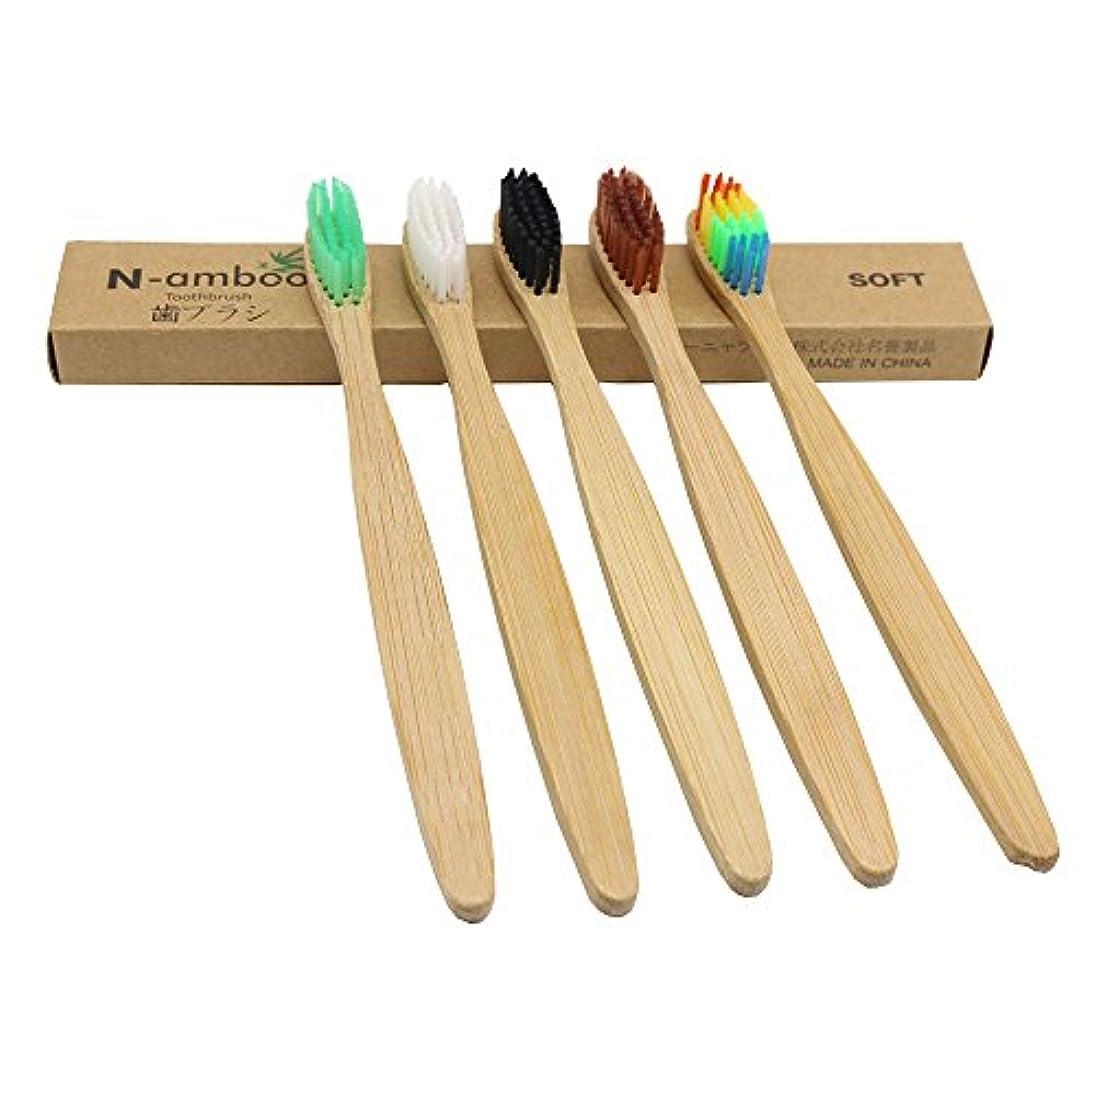 貢献するウェイター会社N-amboo 竹製 歯ブラシ 高耐久性 5種類 セット エコ 軽量 5本入り